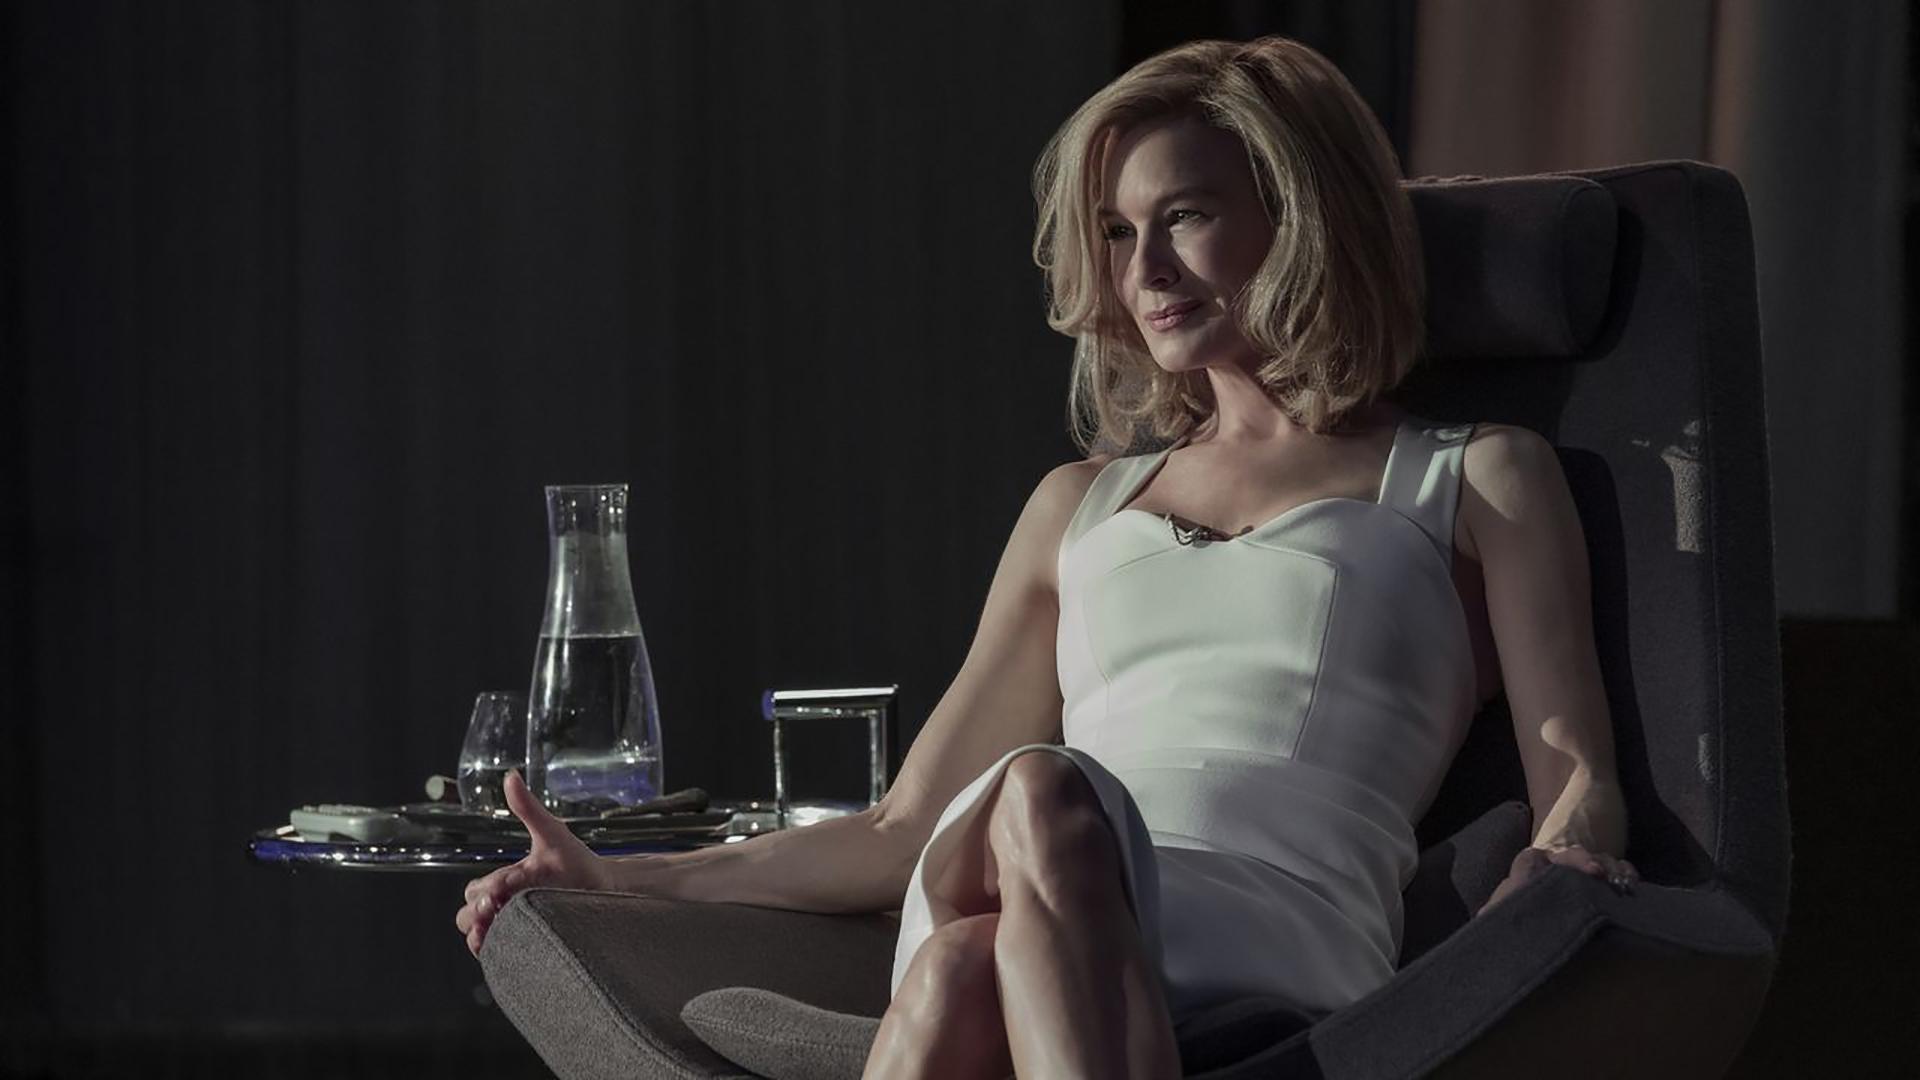 """La primera imagen de Renée Zellweger en la serie """"Dilema"""", la nueva ficción de Netflix, que se estrena el próximo 24 de mayo. Con este psicothriller y drama erótico hace su debut en la pantalla chica"""